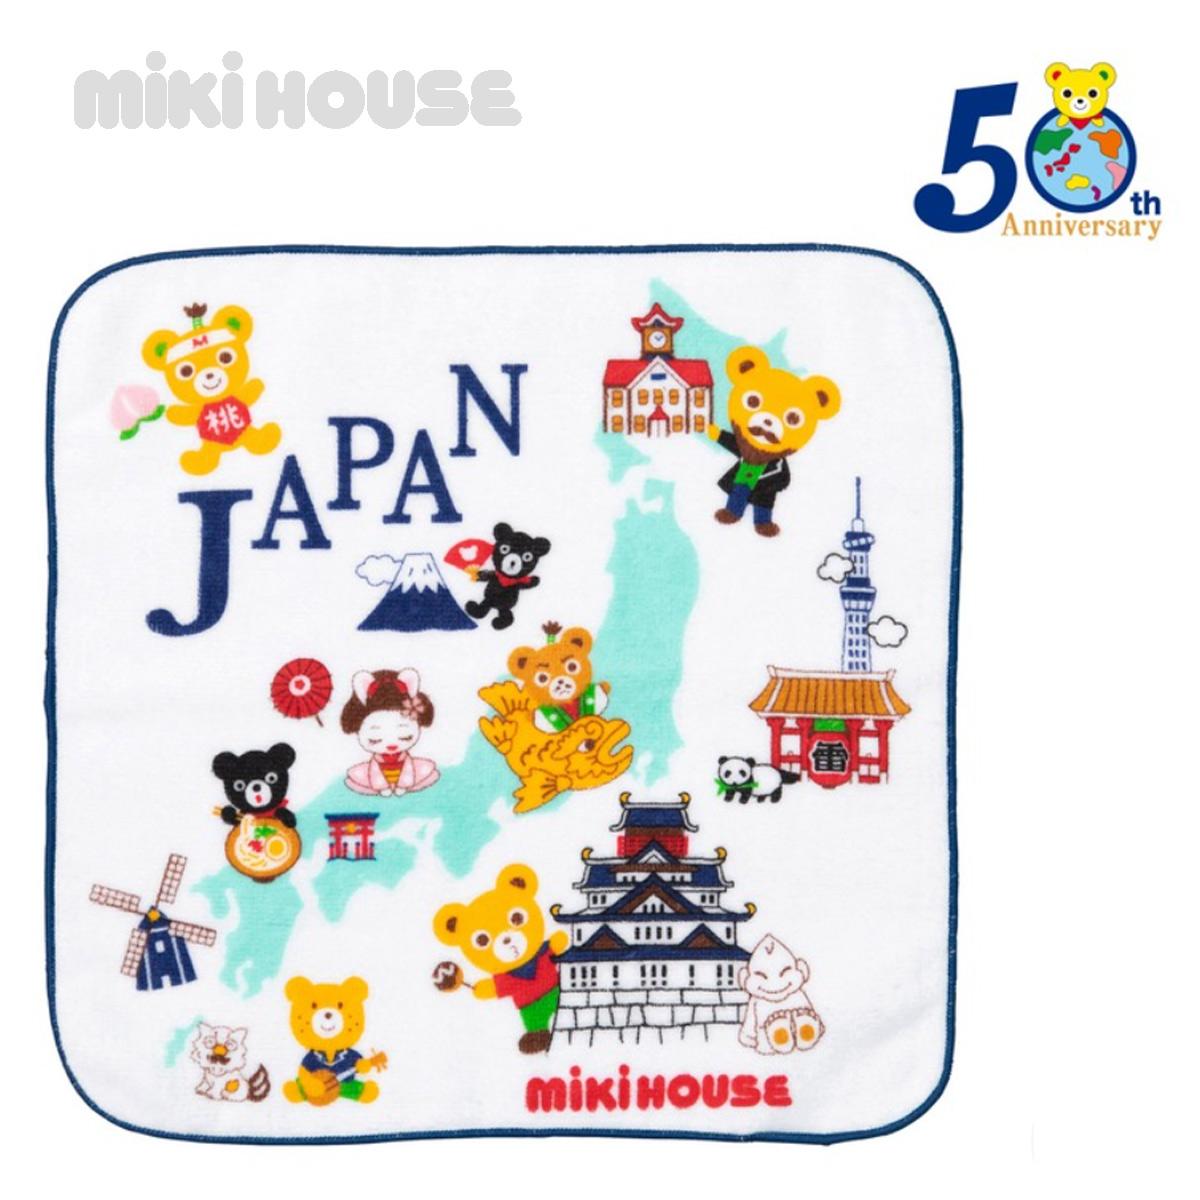 正午までの注文 入金で即日発送 土日祝除く 期間限定特別価格 50周年限定 メール便OK ミキハウス MIKIHOUSE JAPAN ミニタオル 新作入荷